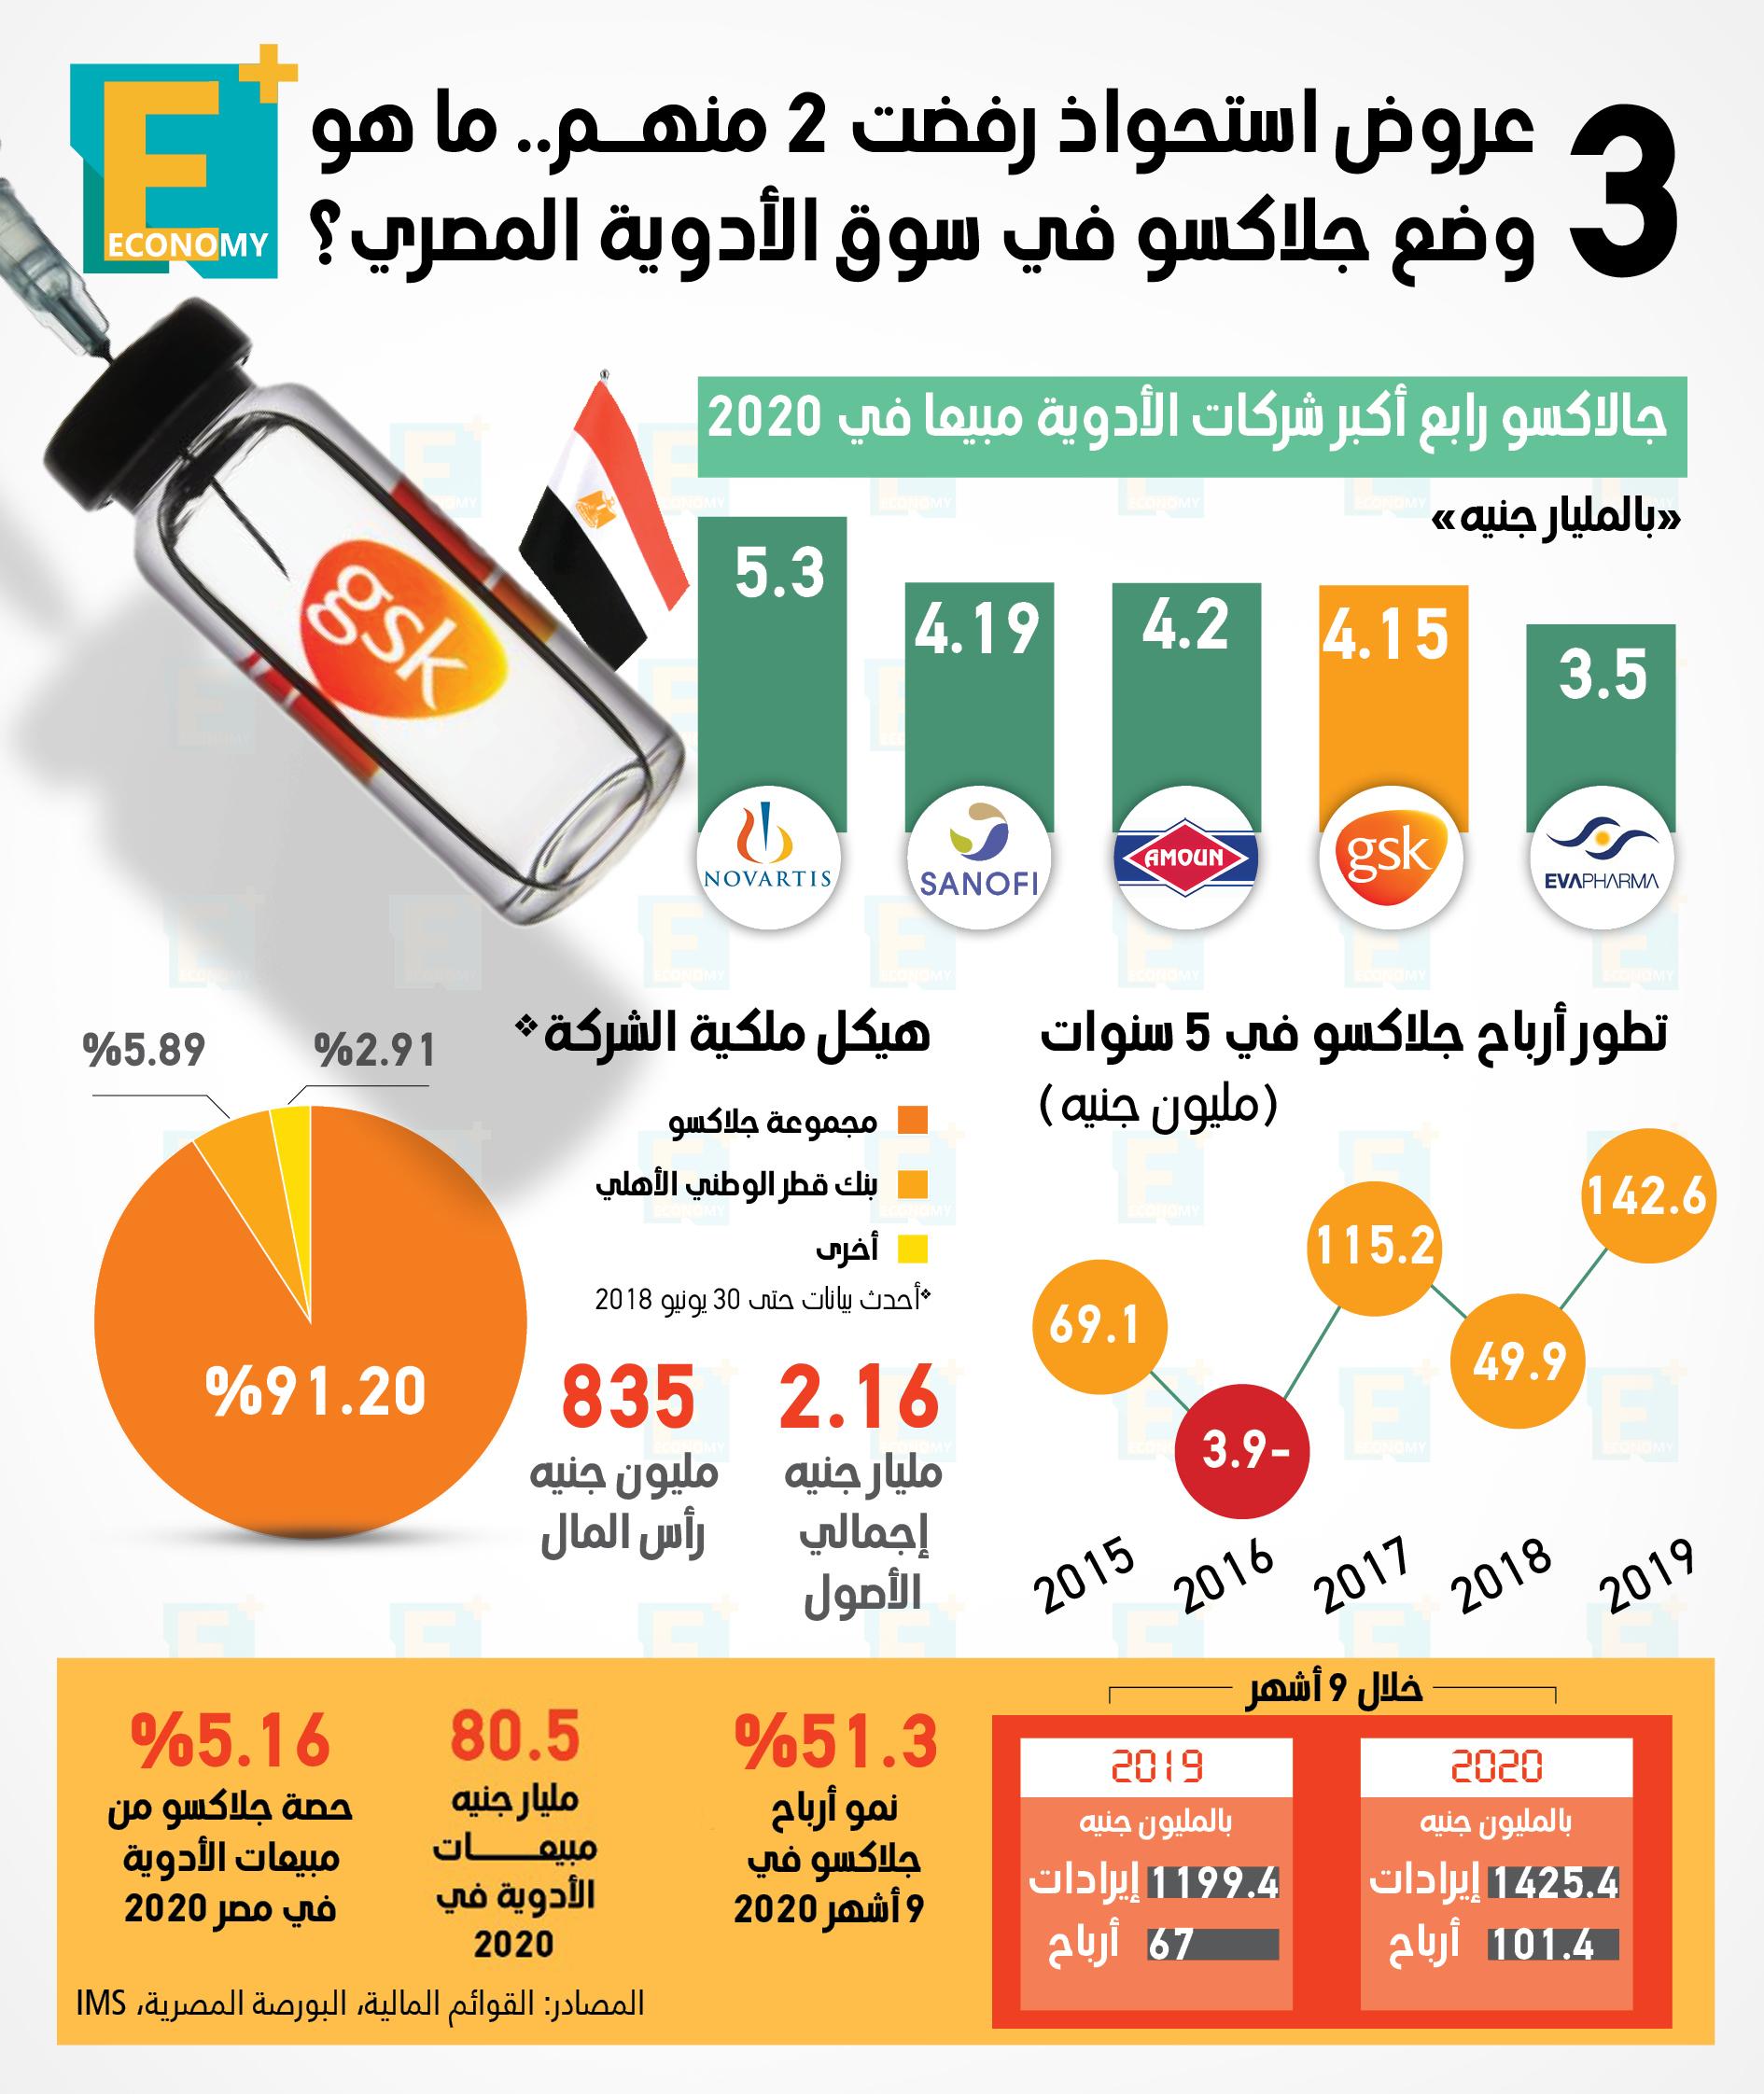 3 عروض استحواذ رفضت 2 منهم.. ما هو وضع جلاكسو في سوق الأدوية المصري؟